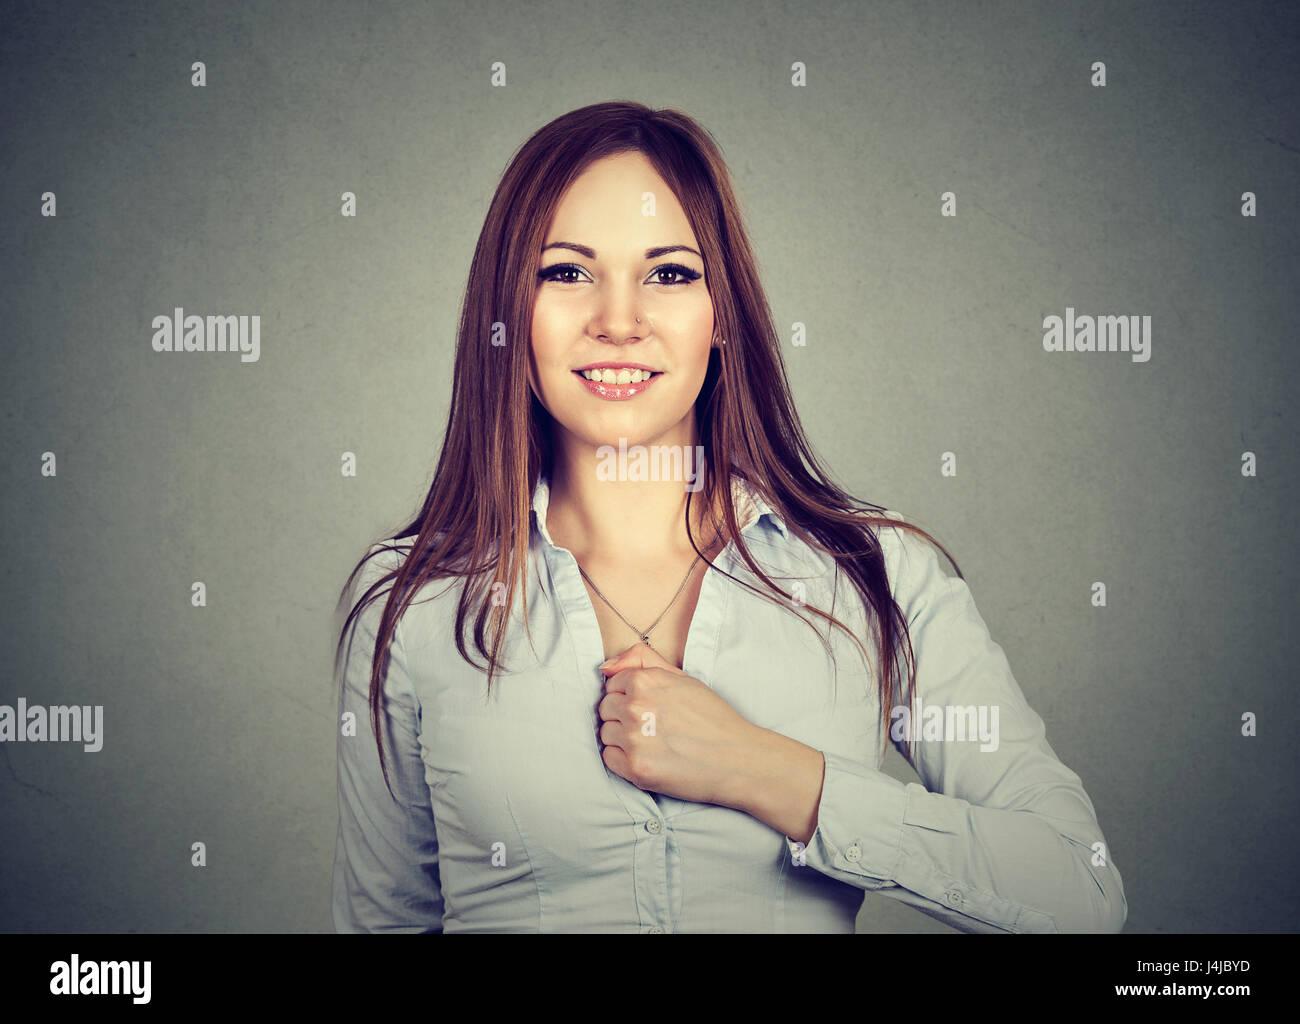 Selbstbewusste junge Frau bestimmt für einen Wechsel auf grauem Hintergrund isoliert Stockbild